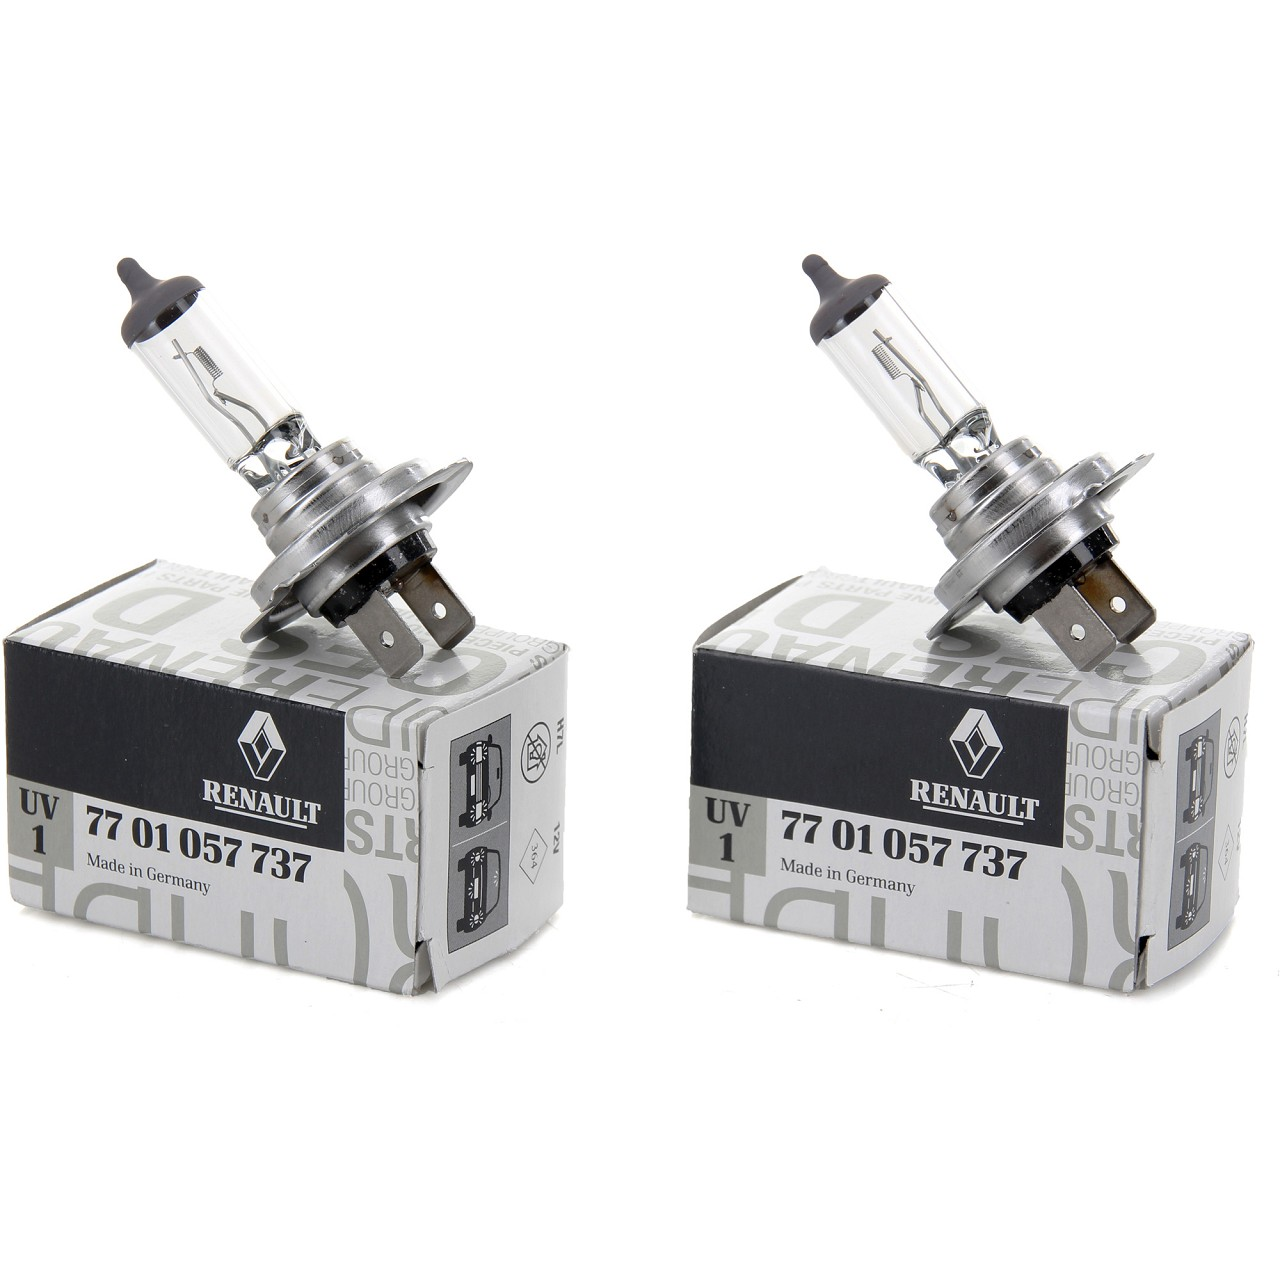 2x ORIGINAL Renault Halogenlampe Glühlampe H7 12V 55W PX26d 7701057737